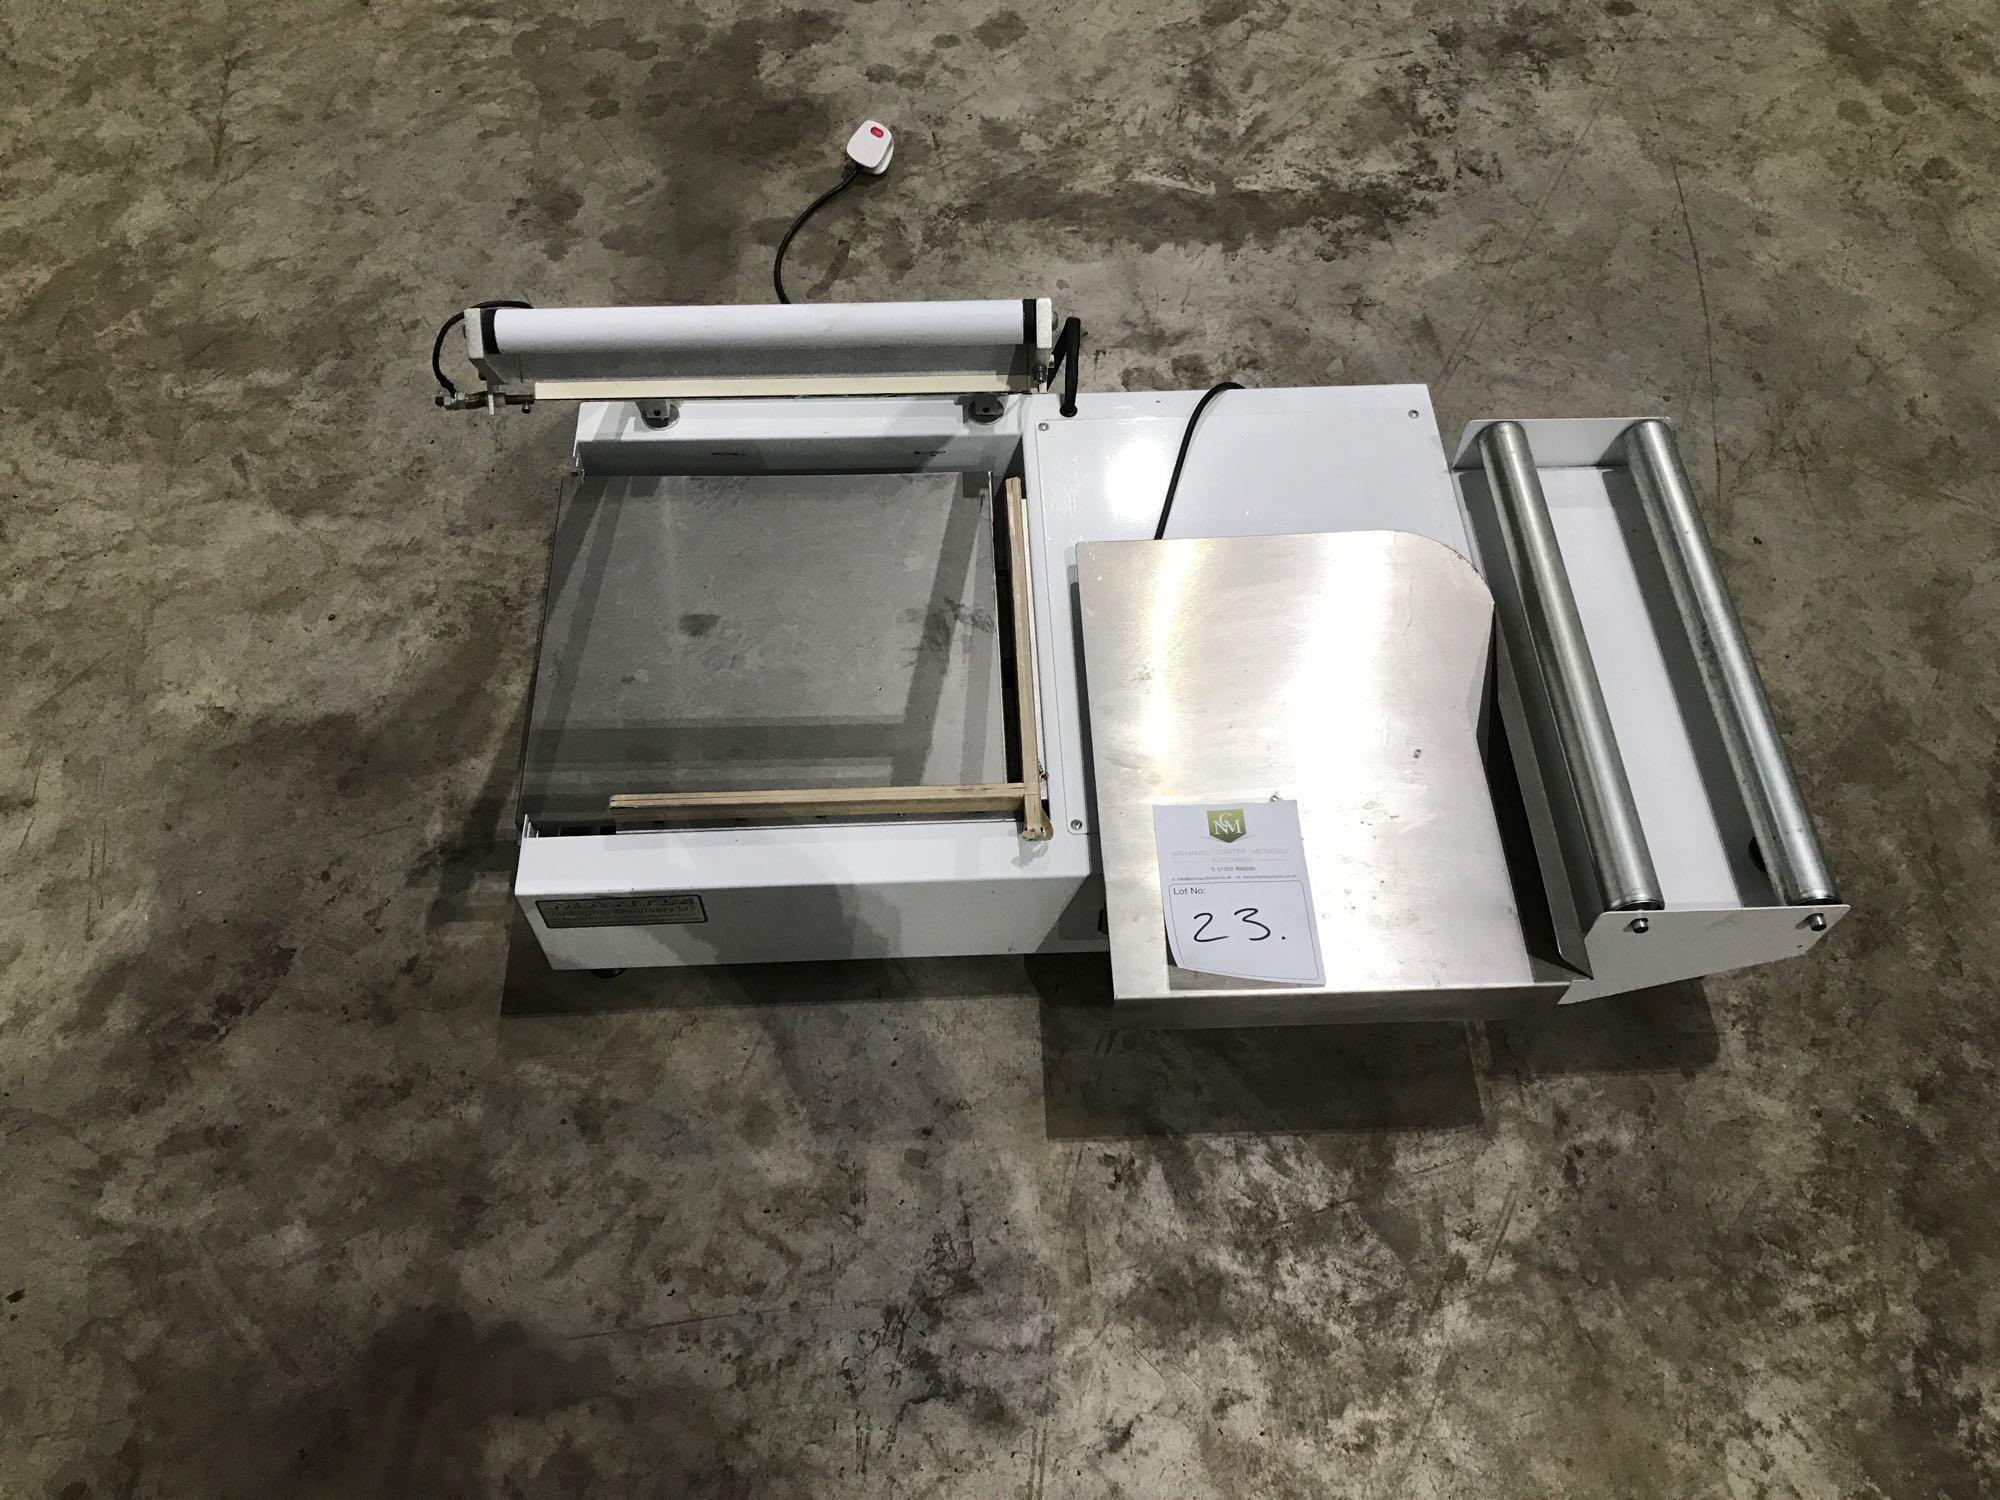 Lot 186 - Mantle food packaging machine